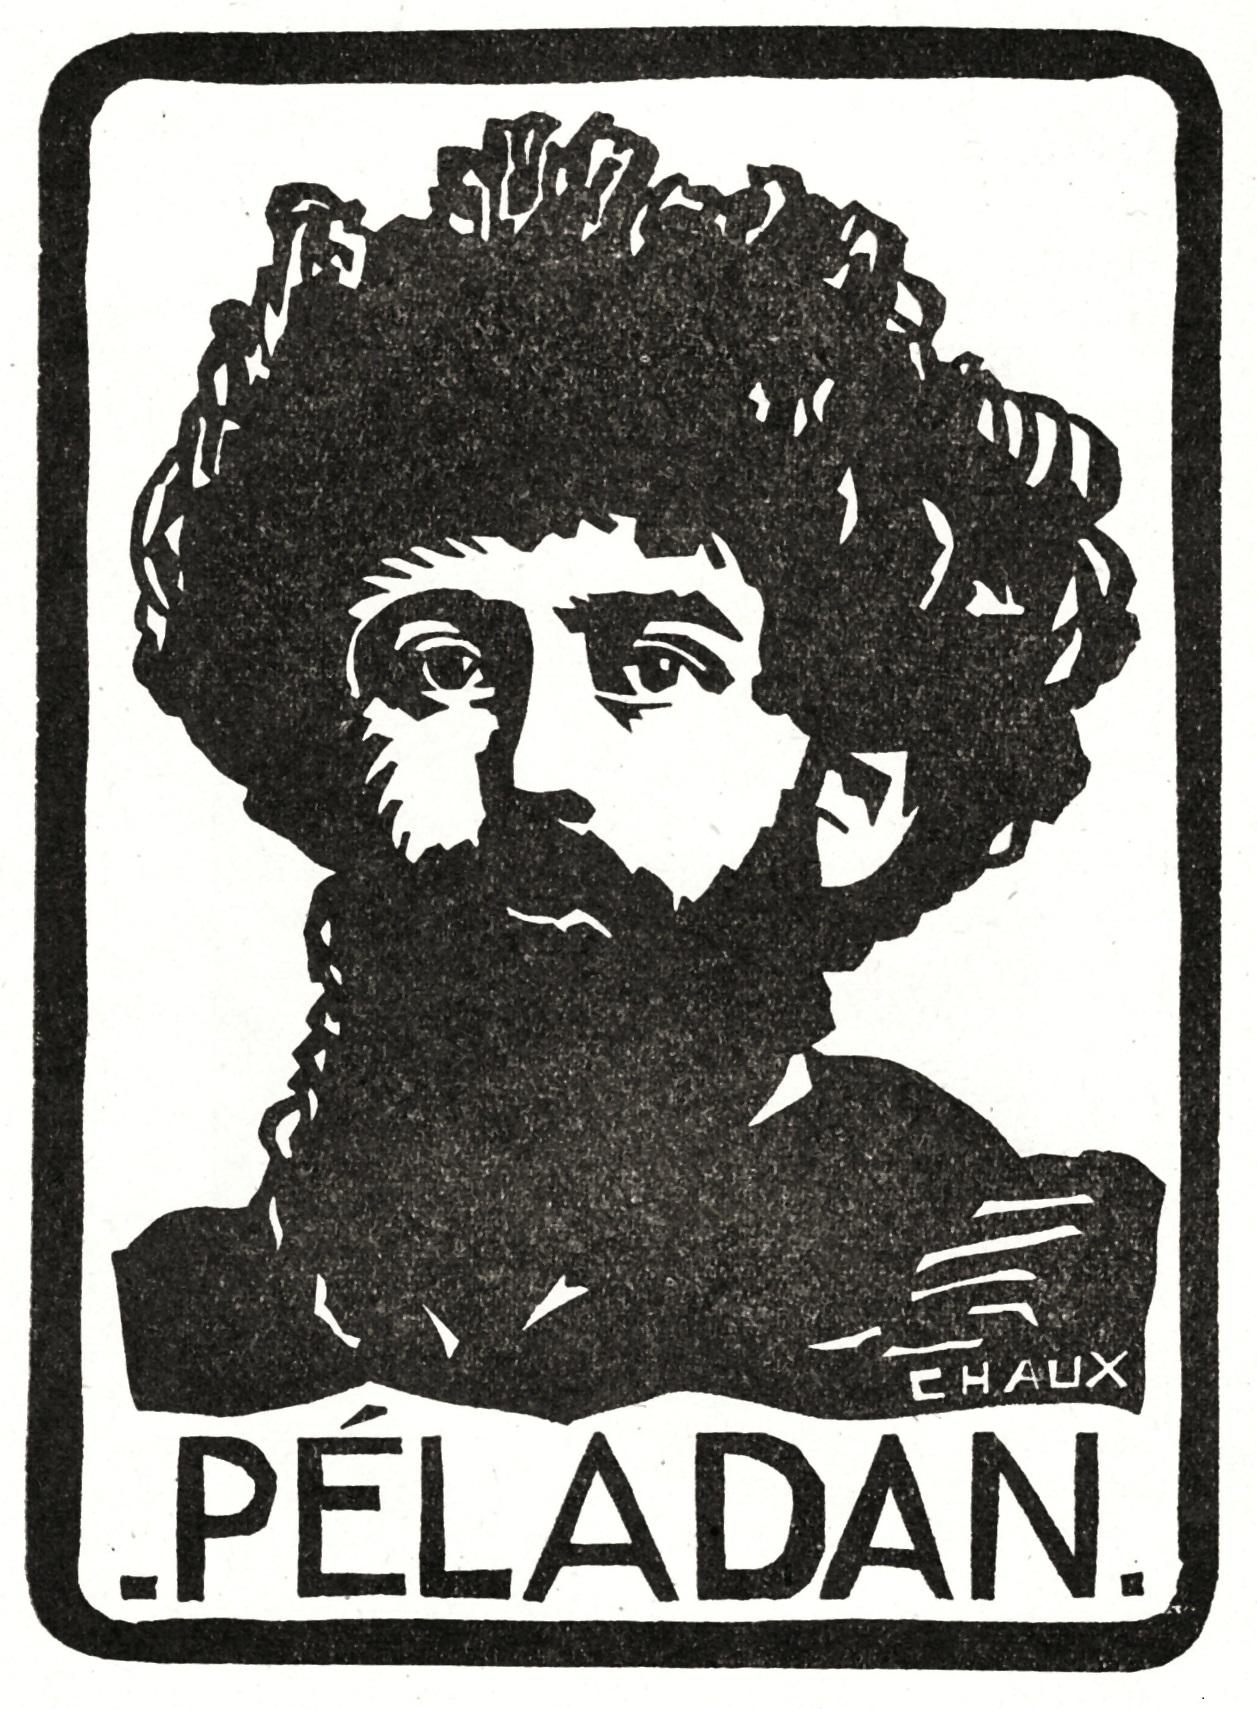 Joséphin Péladan par Pierre Chaux